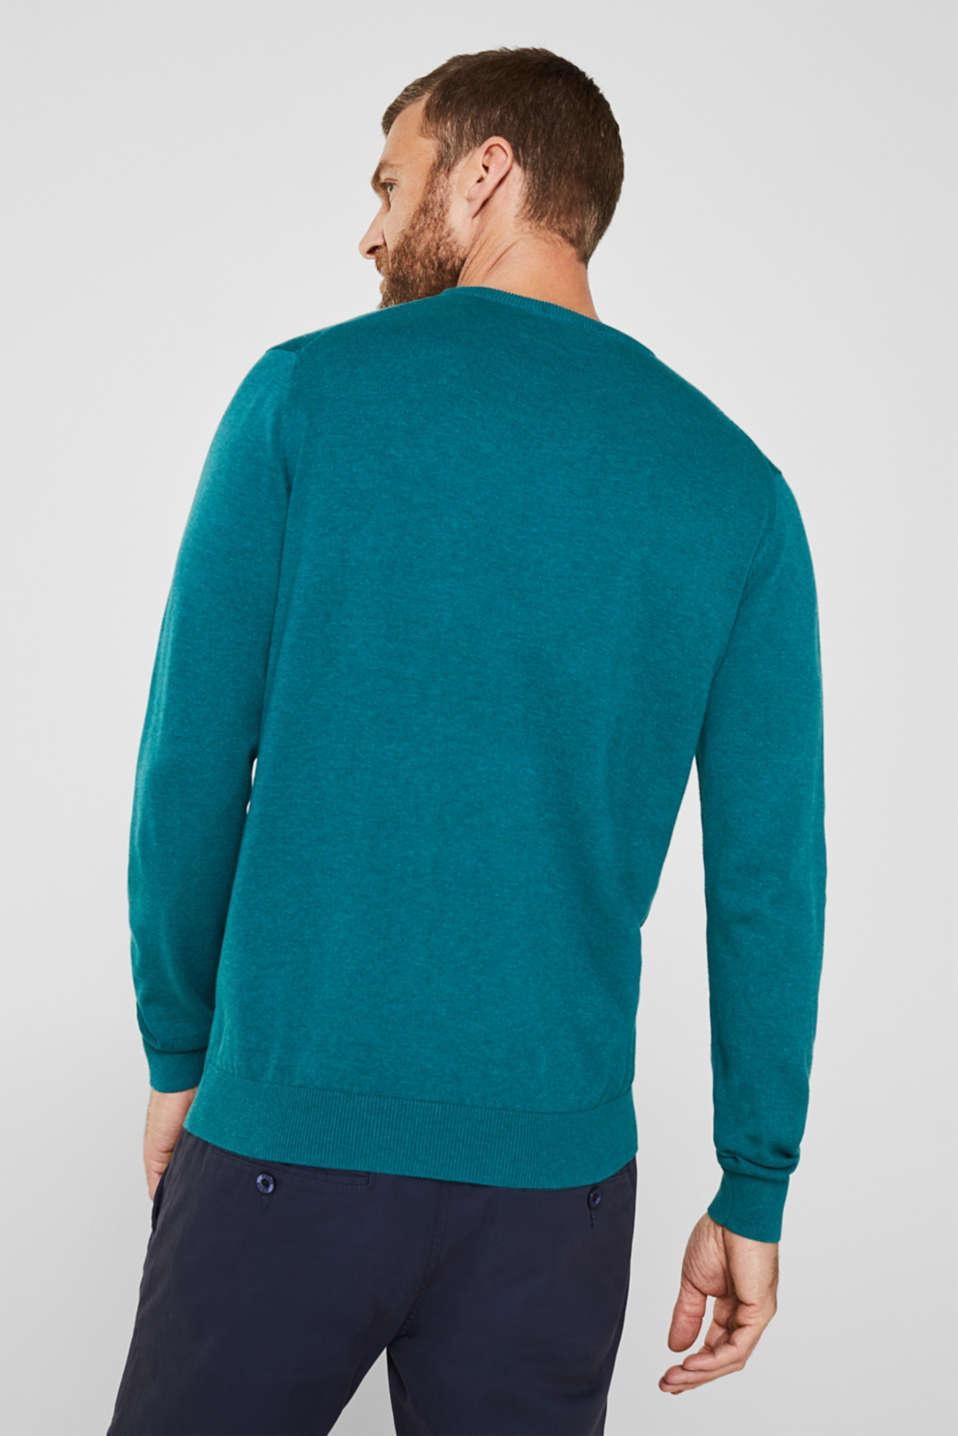 Basic jumper in 100% cotton, TEAL BLUE 5, detail image number 3